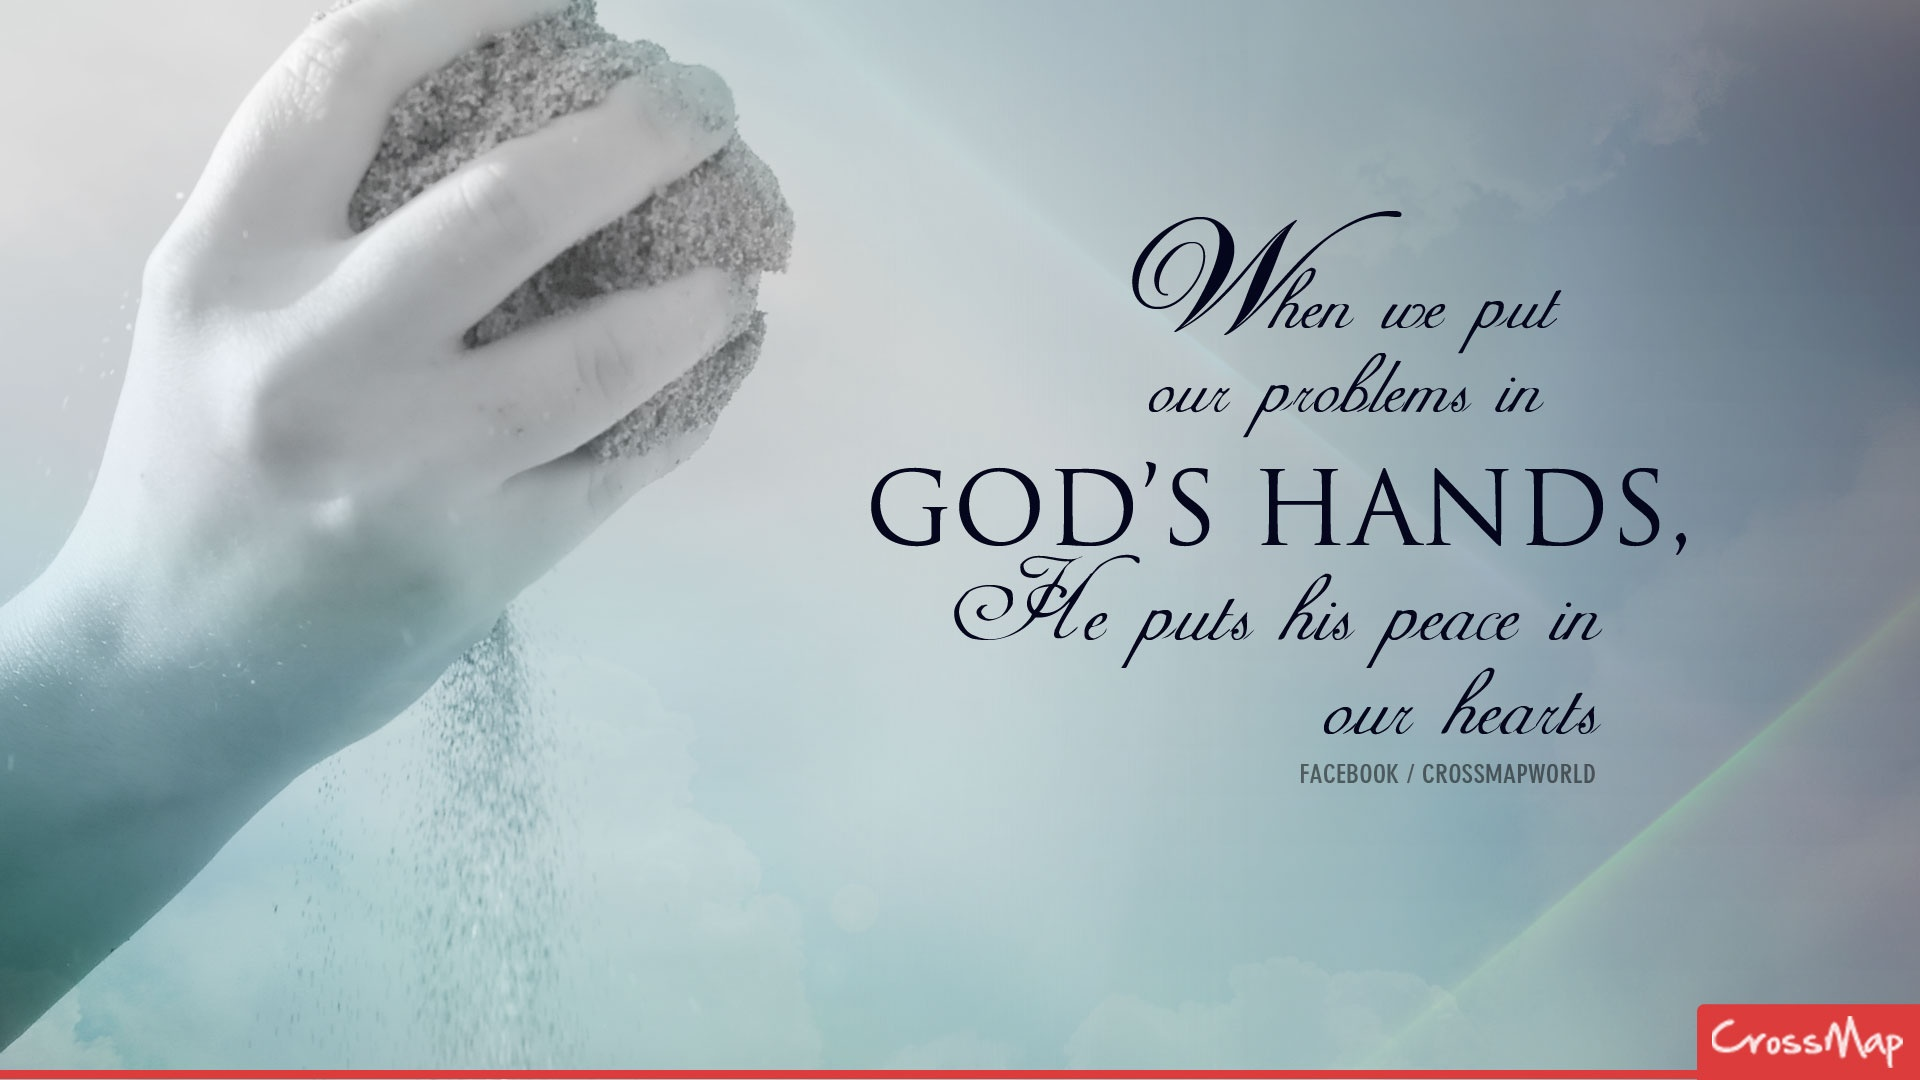 g hand